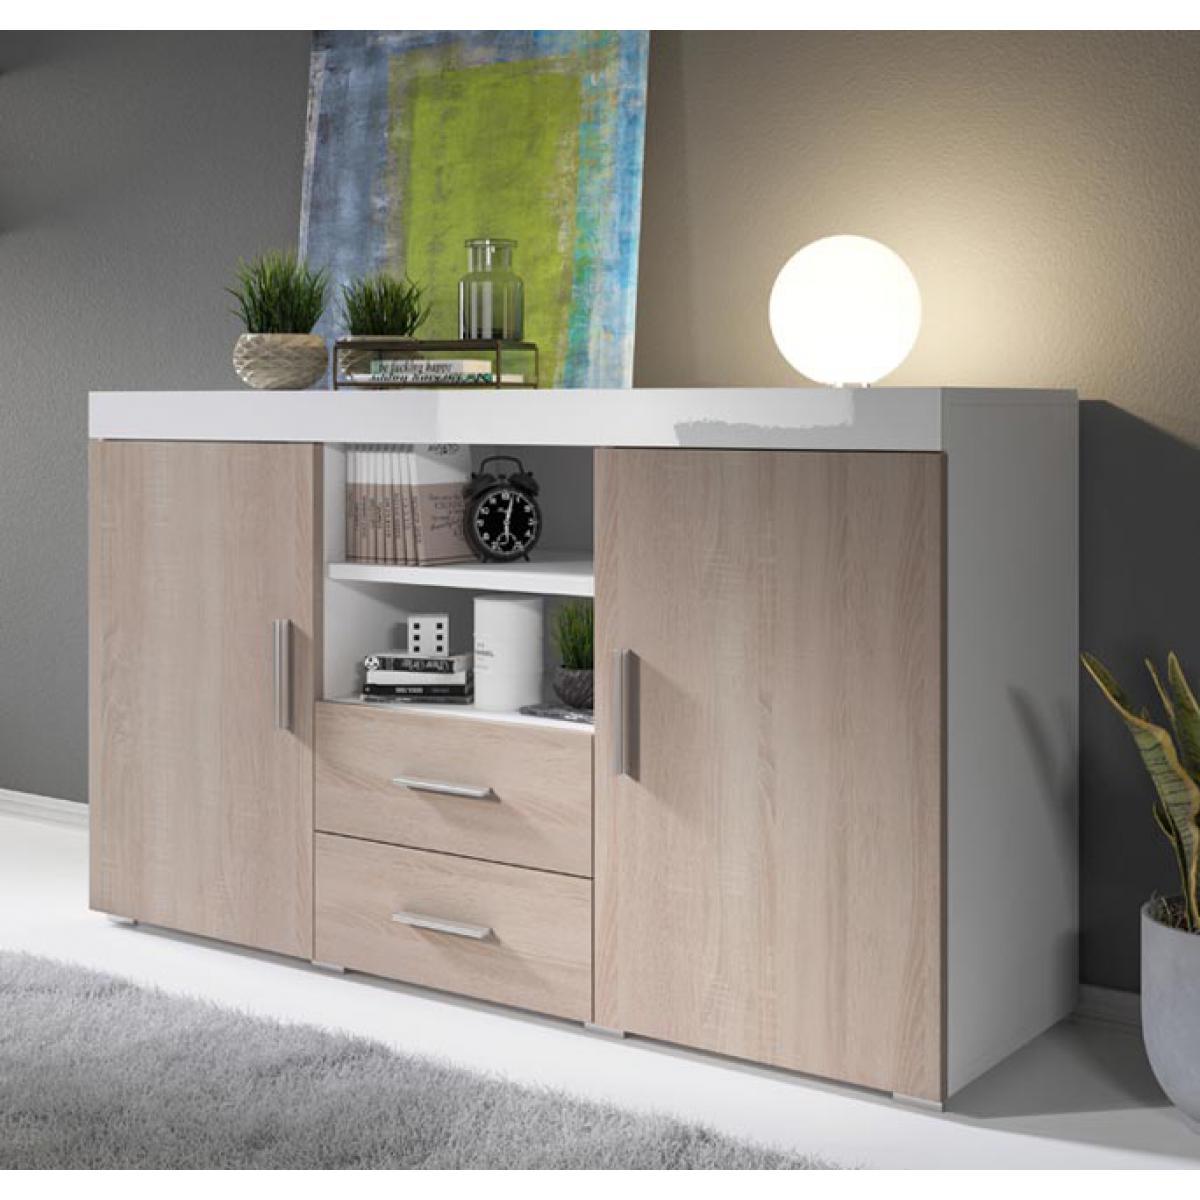 Design Ameublement Bahut modèle Roque couleur blanc et sonoma